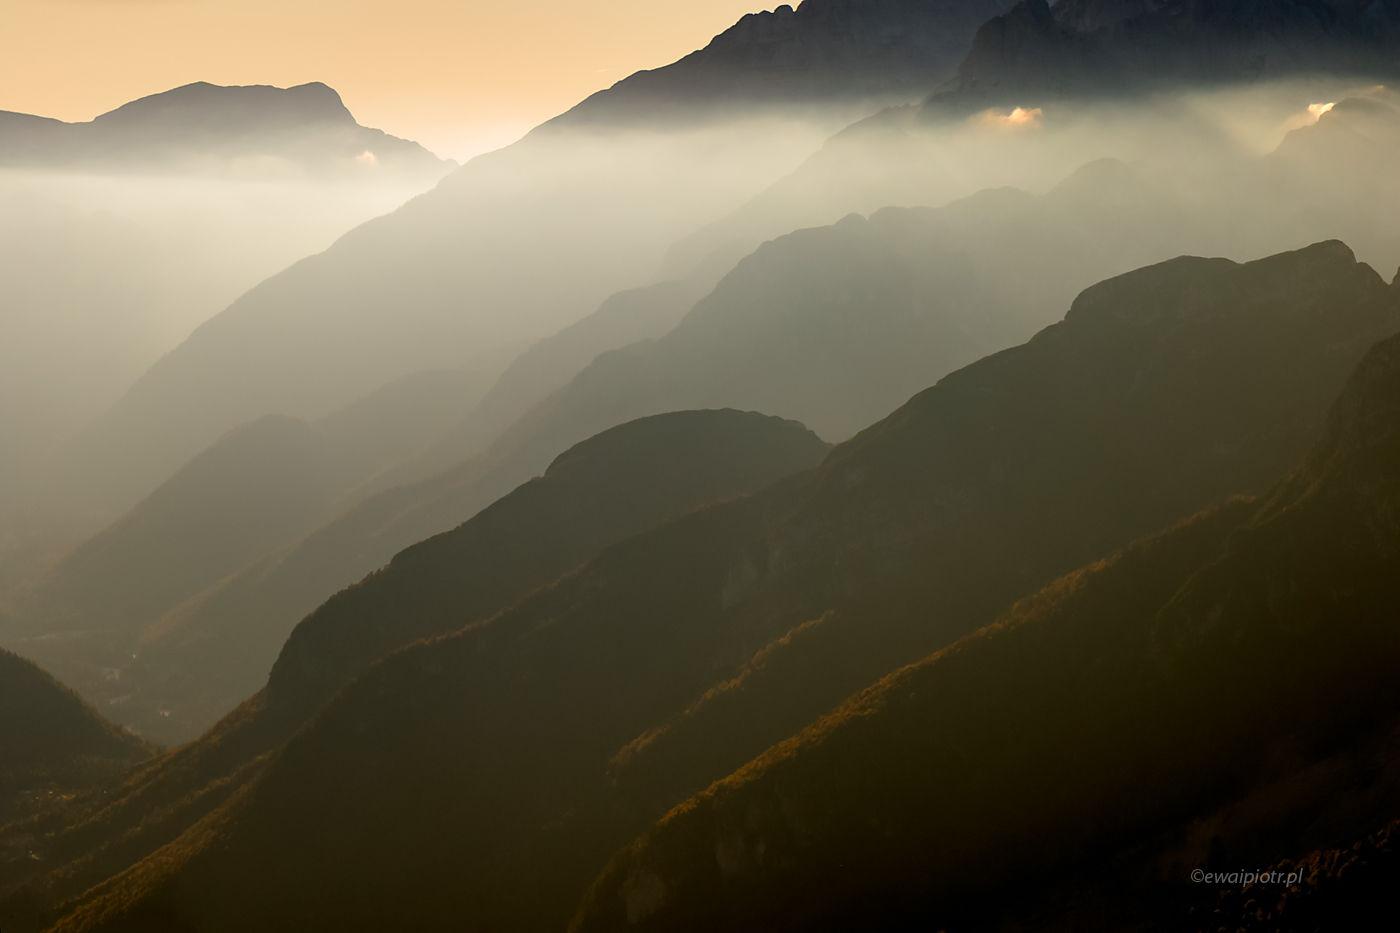 Góry i perspektywa powietrzna, Słowenia, jaki zoom w góry